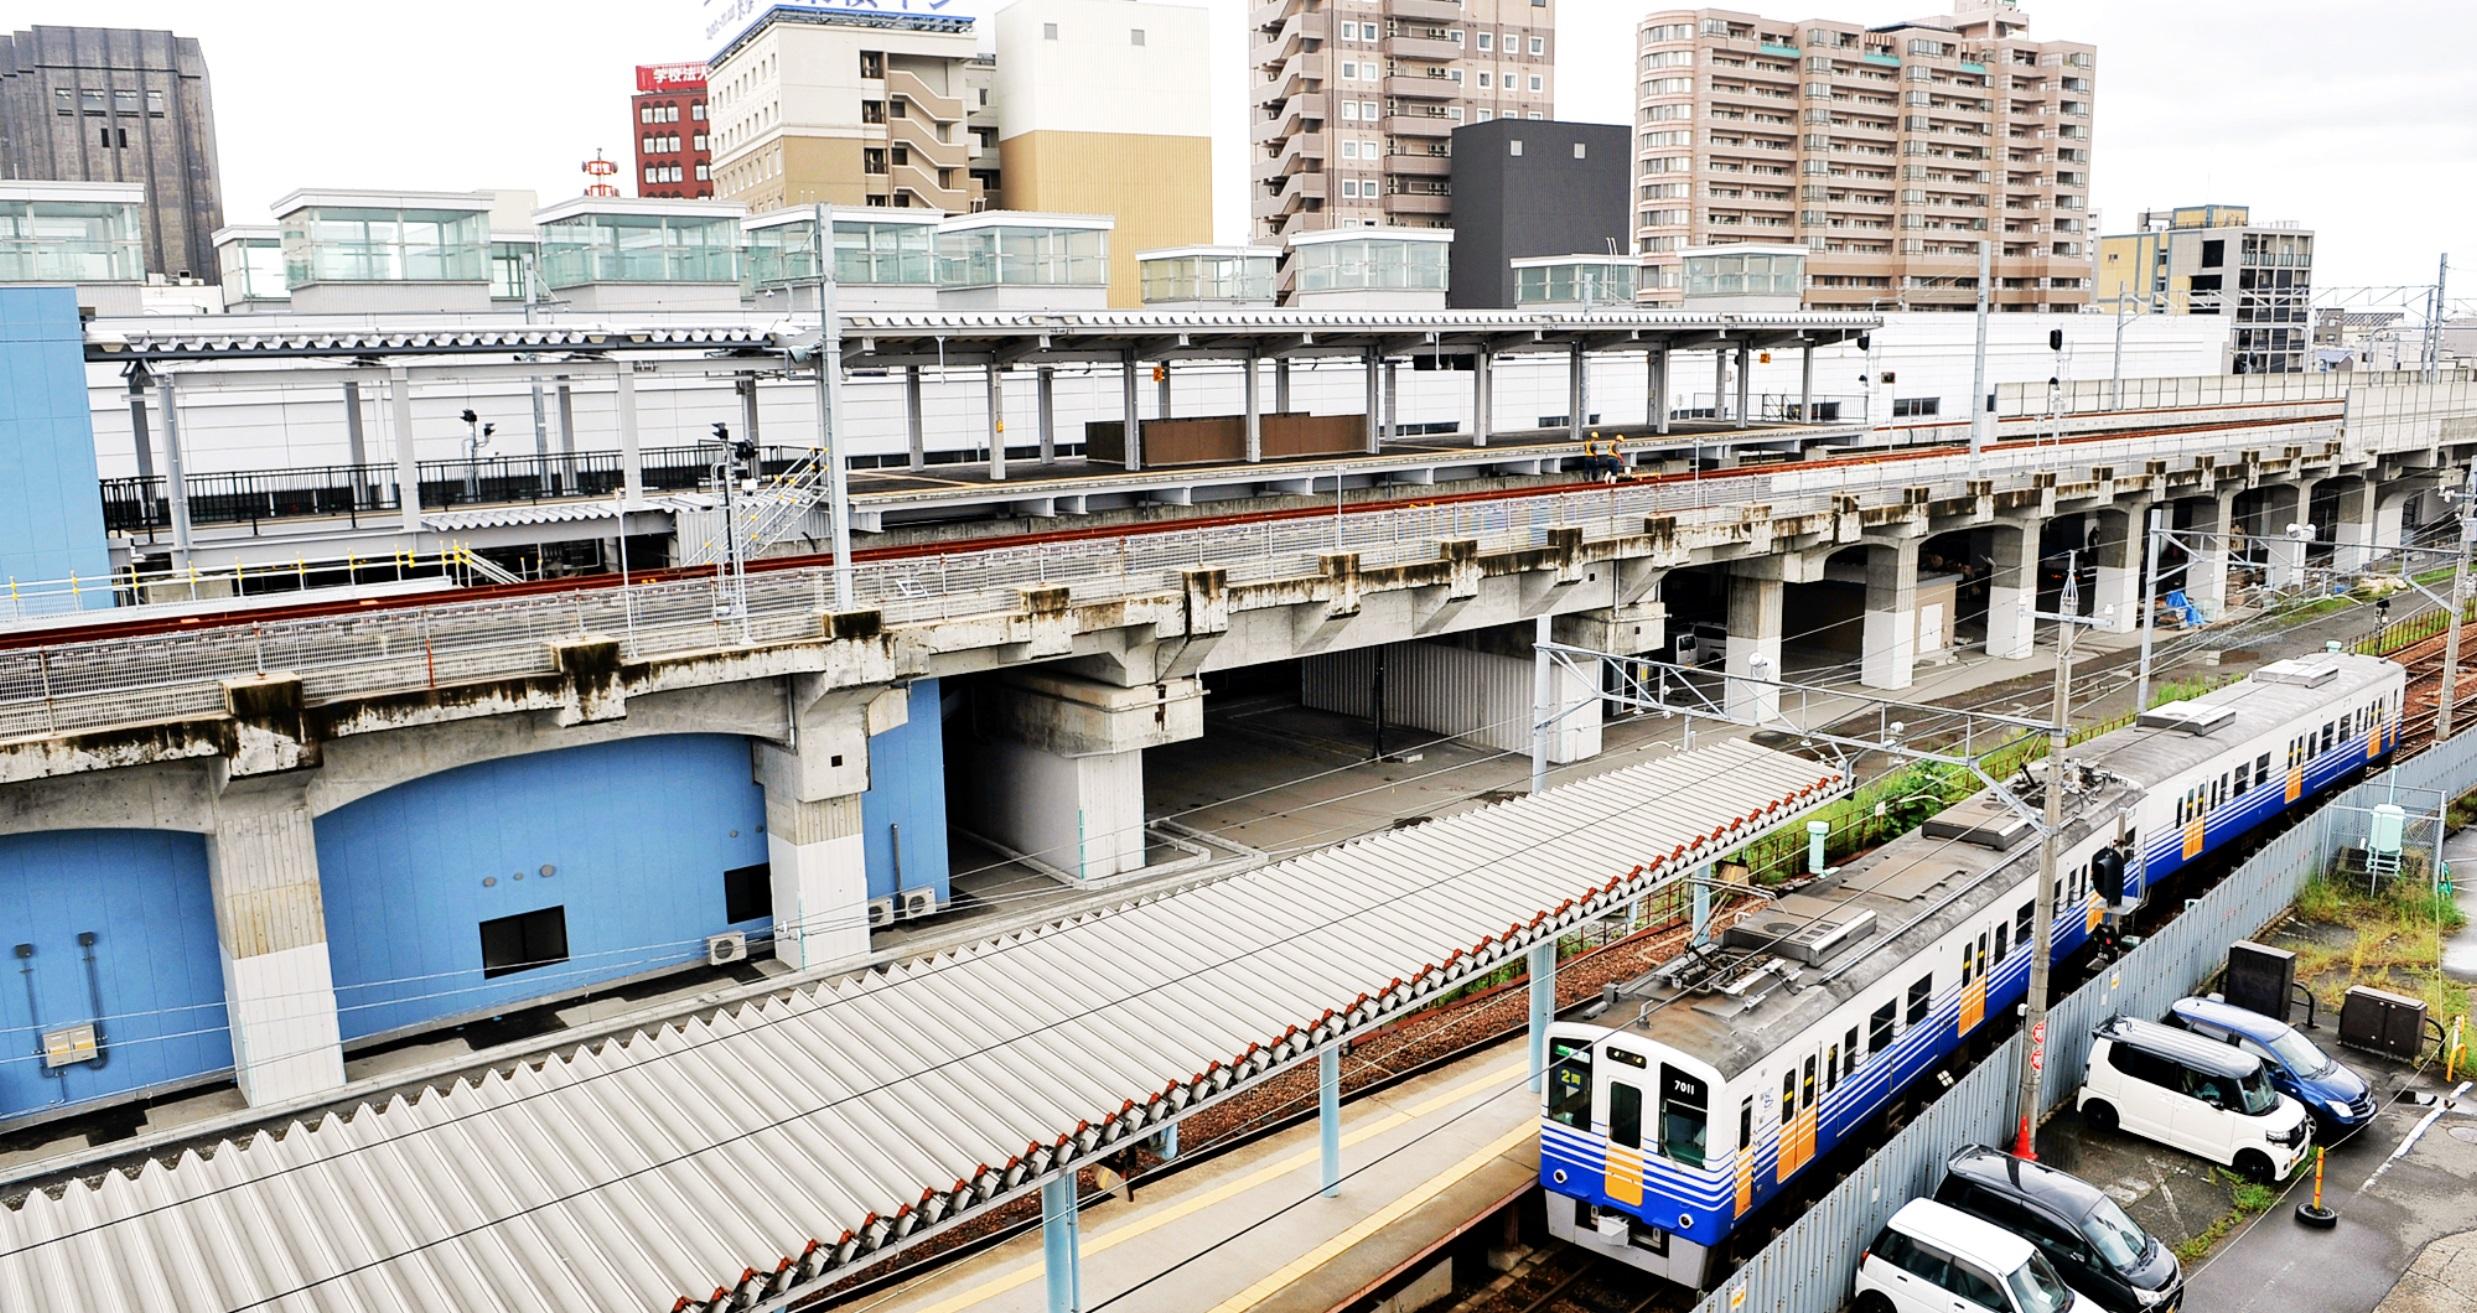 北陸新幹線高架上に設けられたえちぜん鉄道の仮福井駅のホーム(上)。下は現在のホーム=11日、福井市日之出1丁目付近